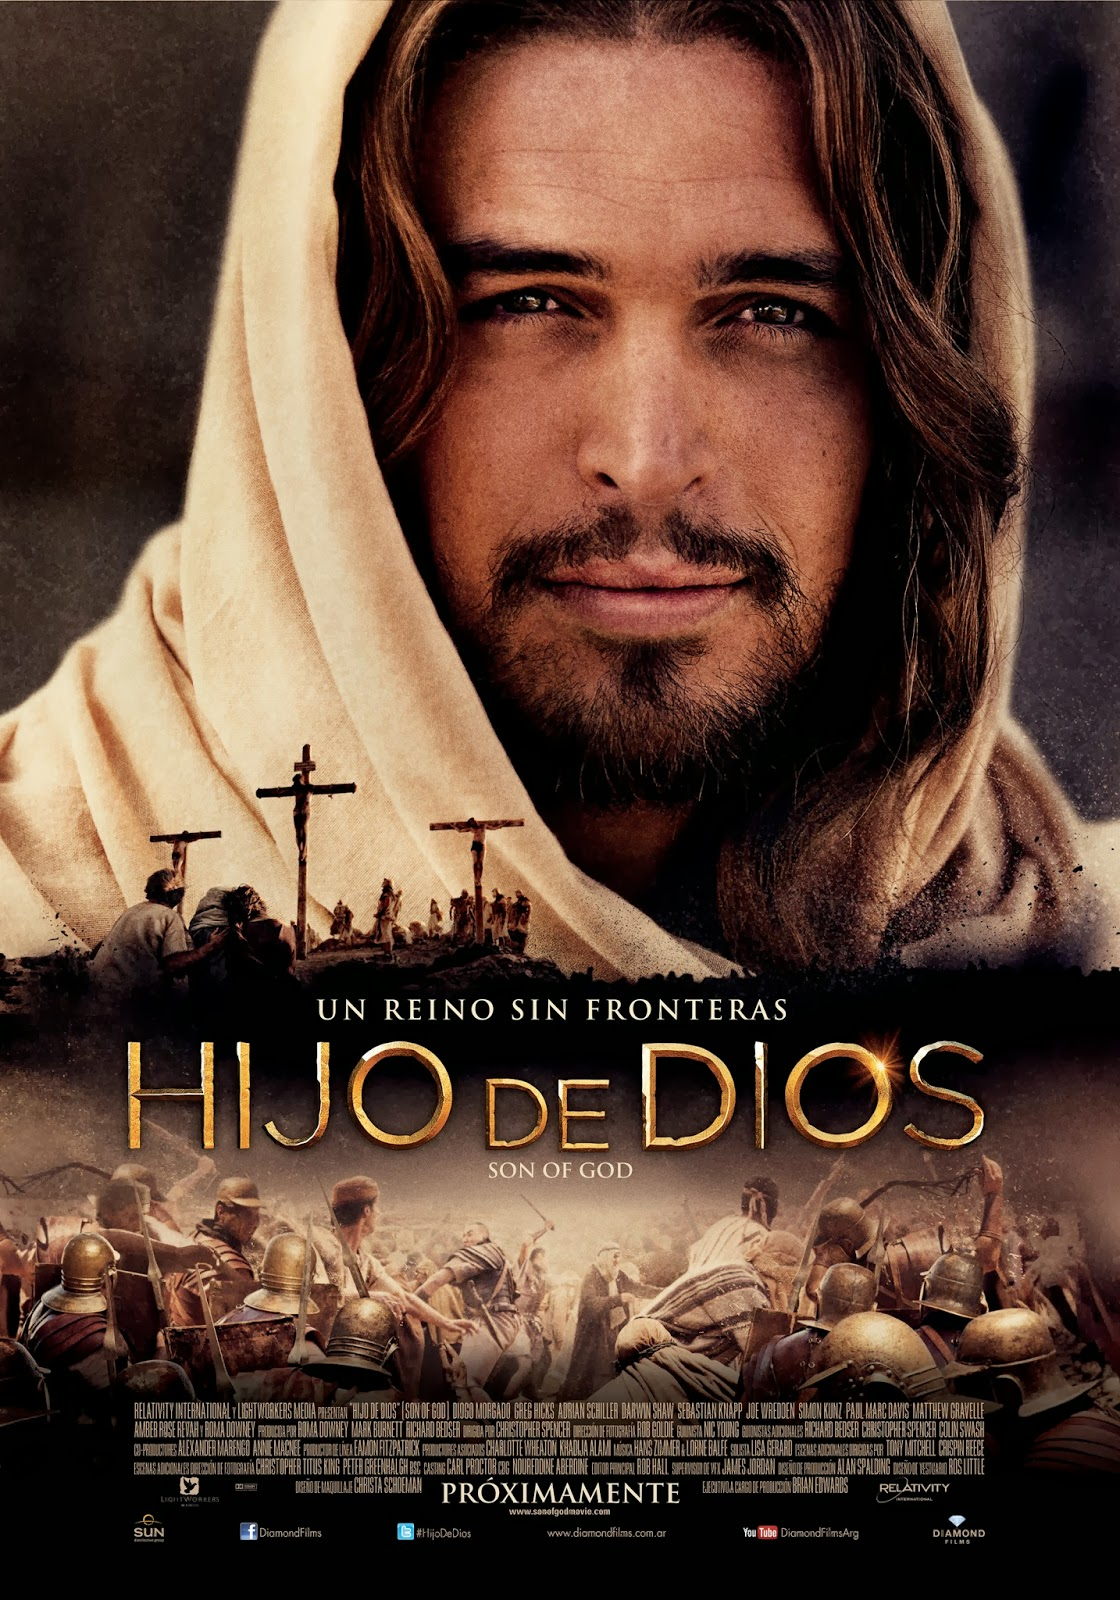 Hijo de Dios [2014] [1080p BRrip] [Latino-Inglés] [GoogleDrive]